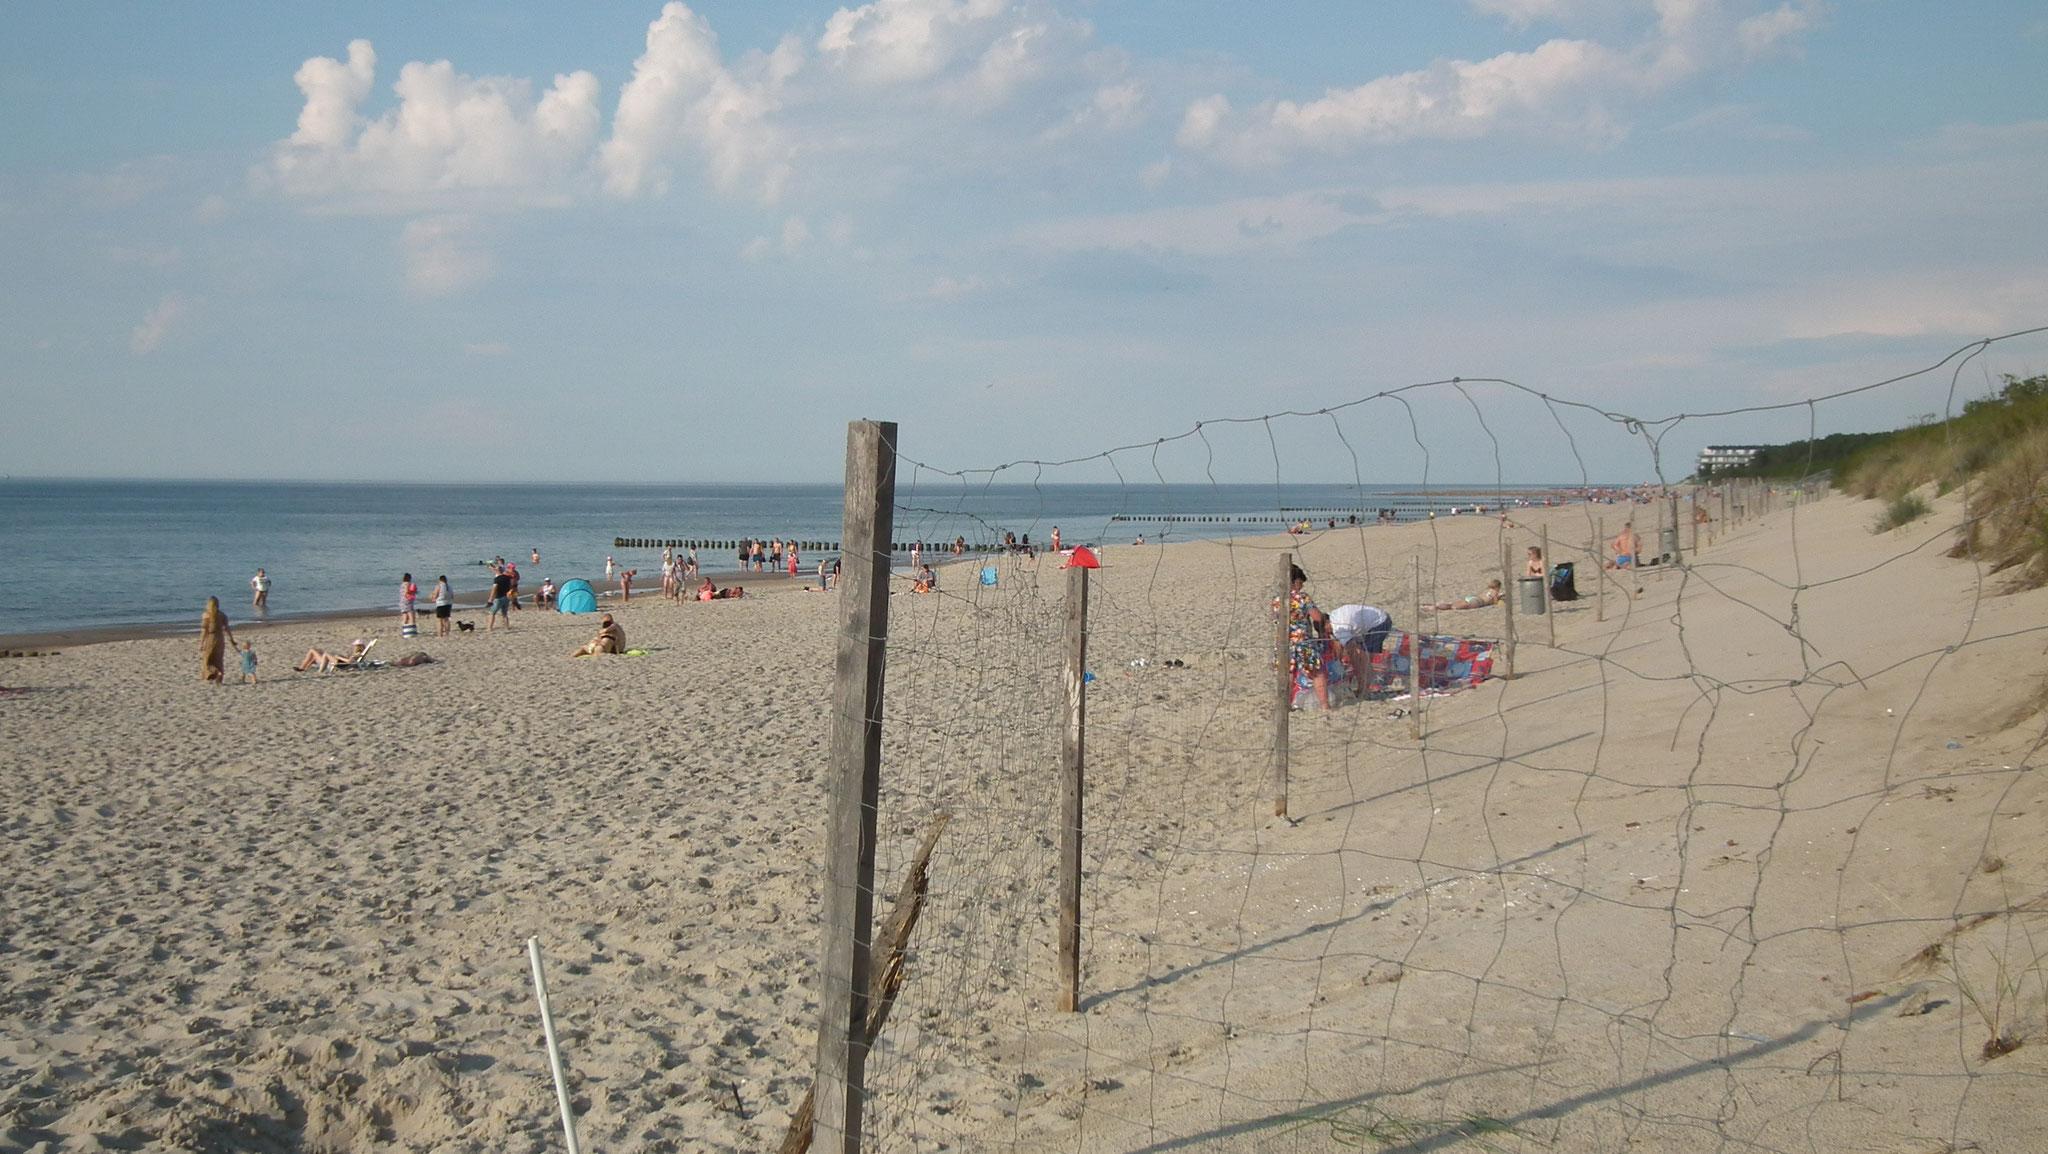 Am Strand von Dievenow / Dziwnów